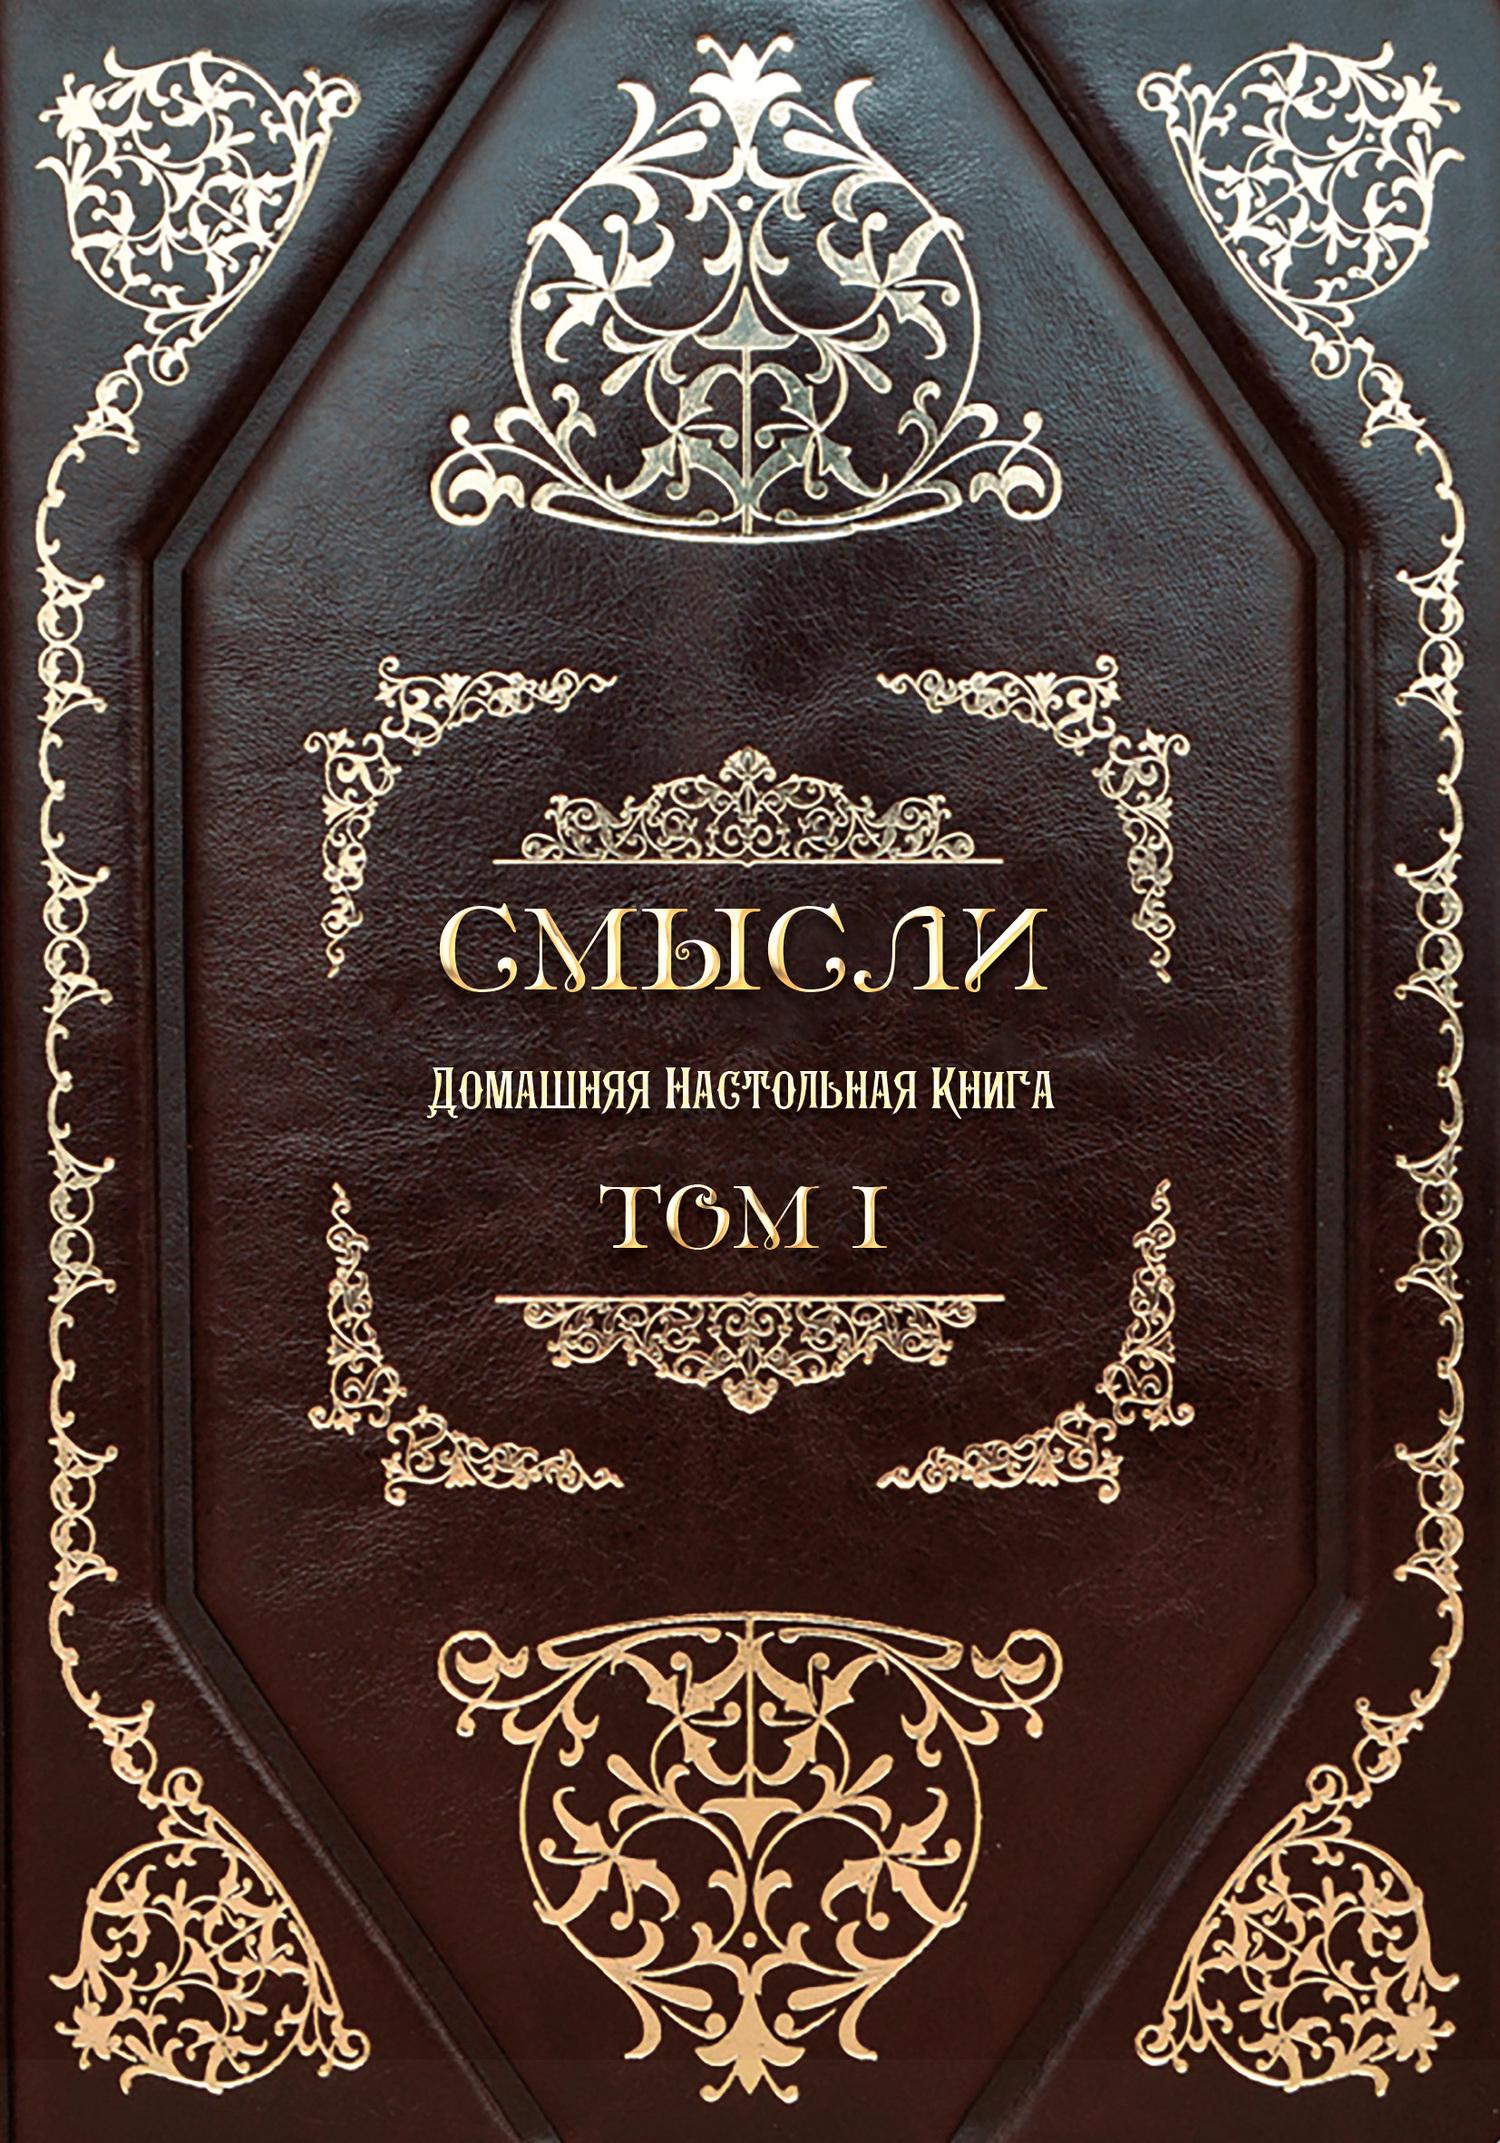 Дмитрий Жуков - СМЫСЛИ. Домашняя Настольная Книга. Том I